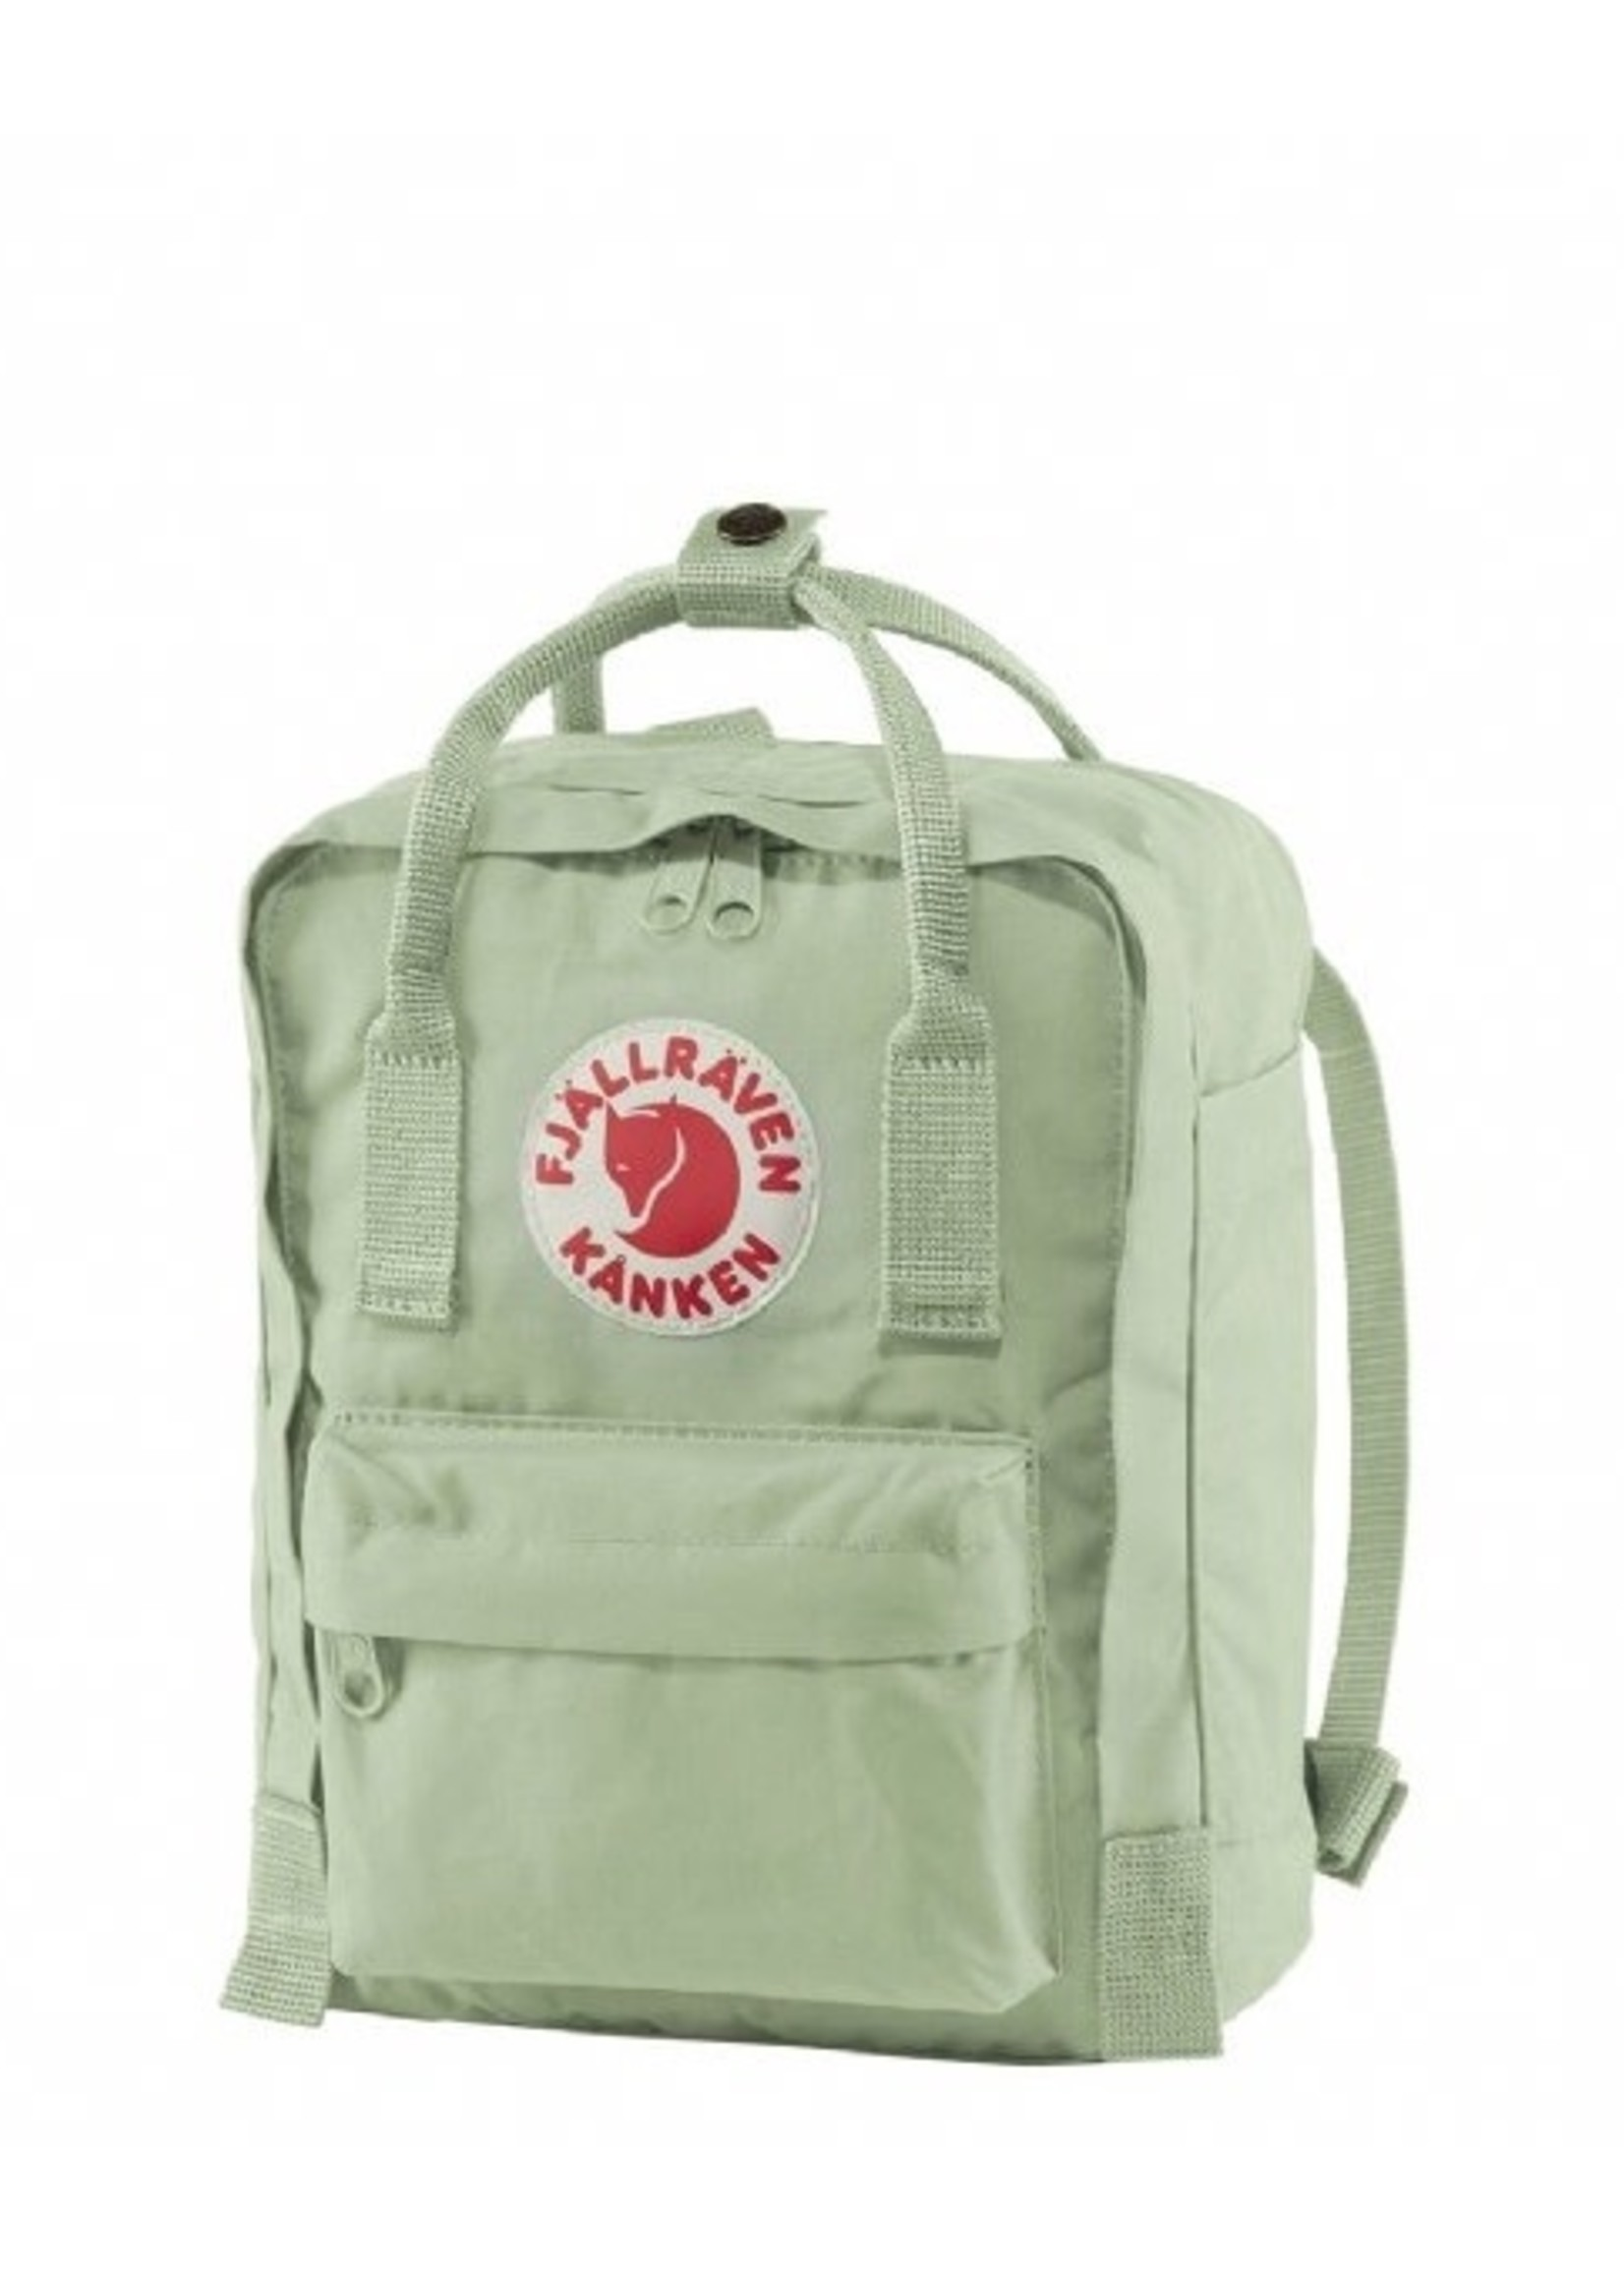 FJALL RAVEN Kanken Backpack Mini MINT GREEN